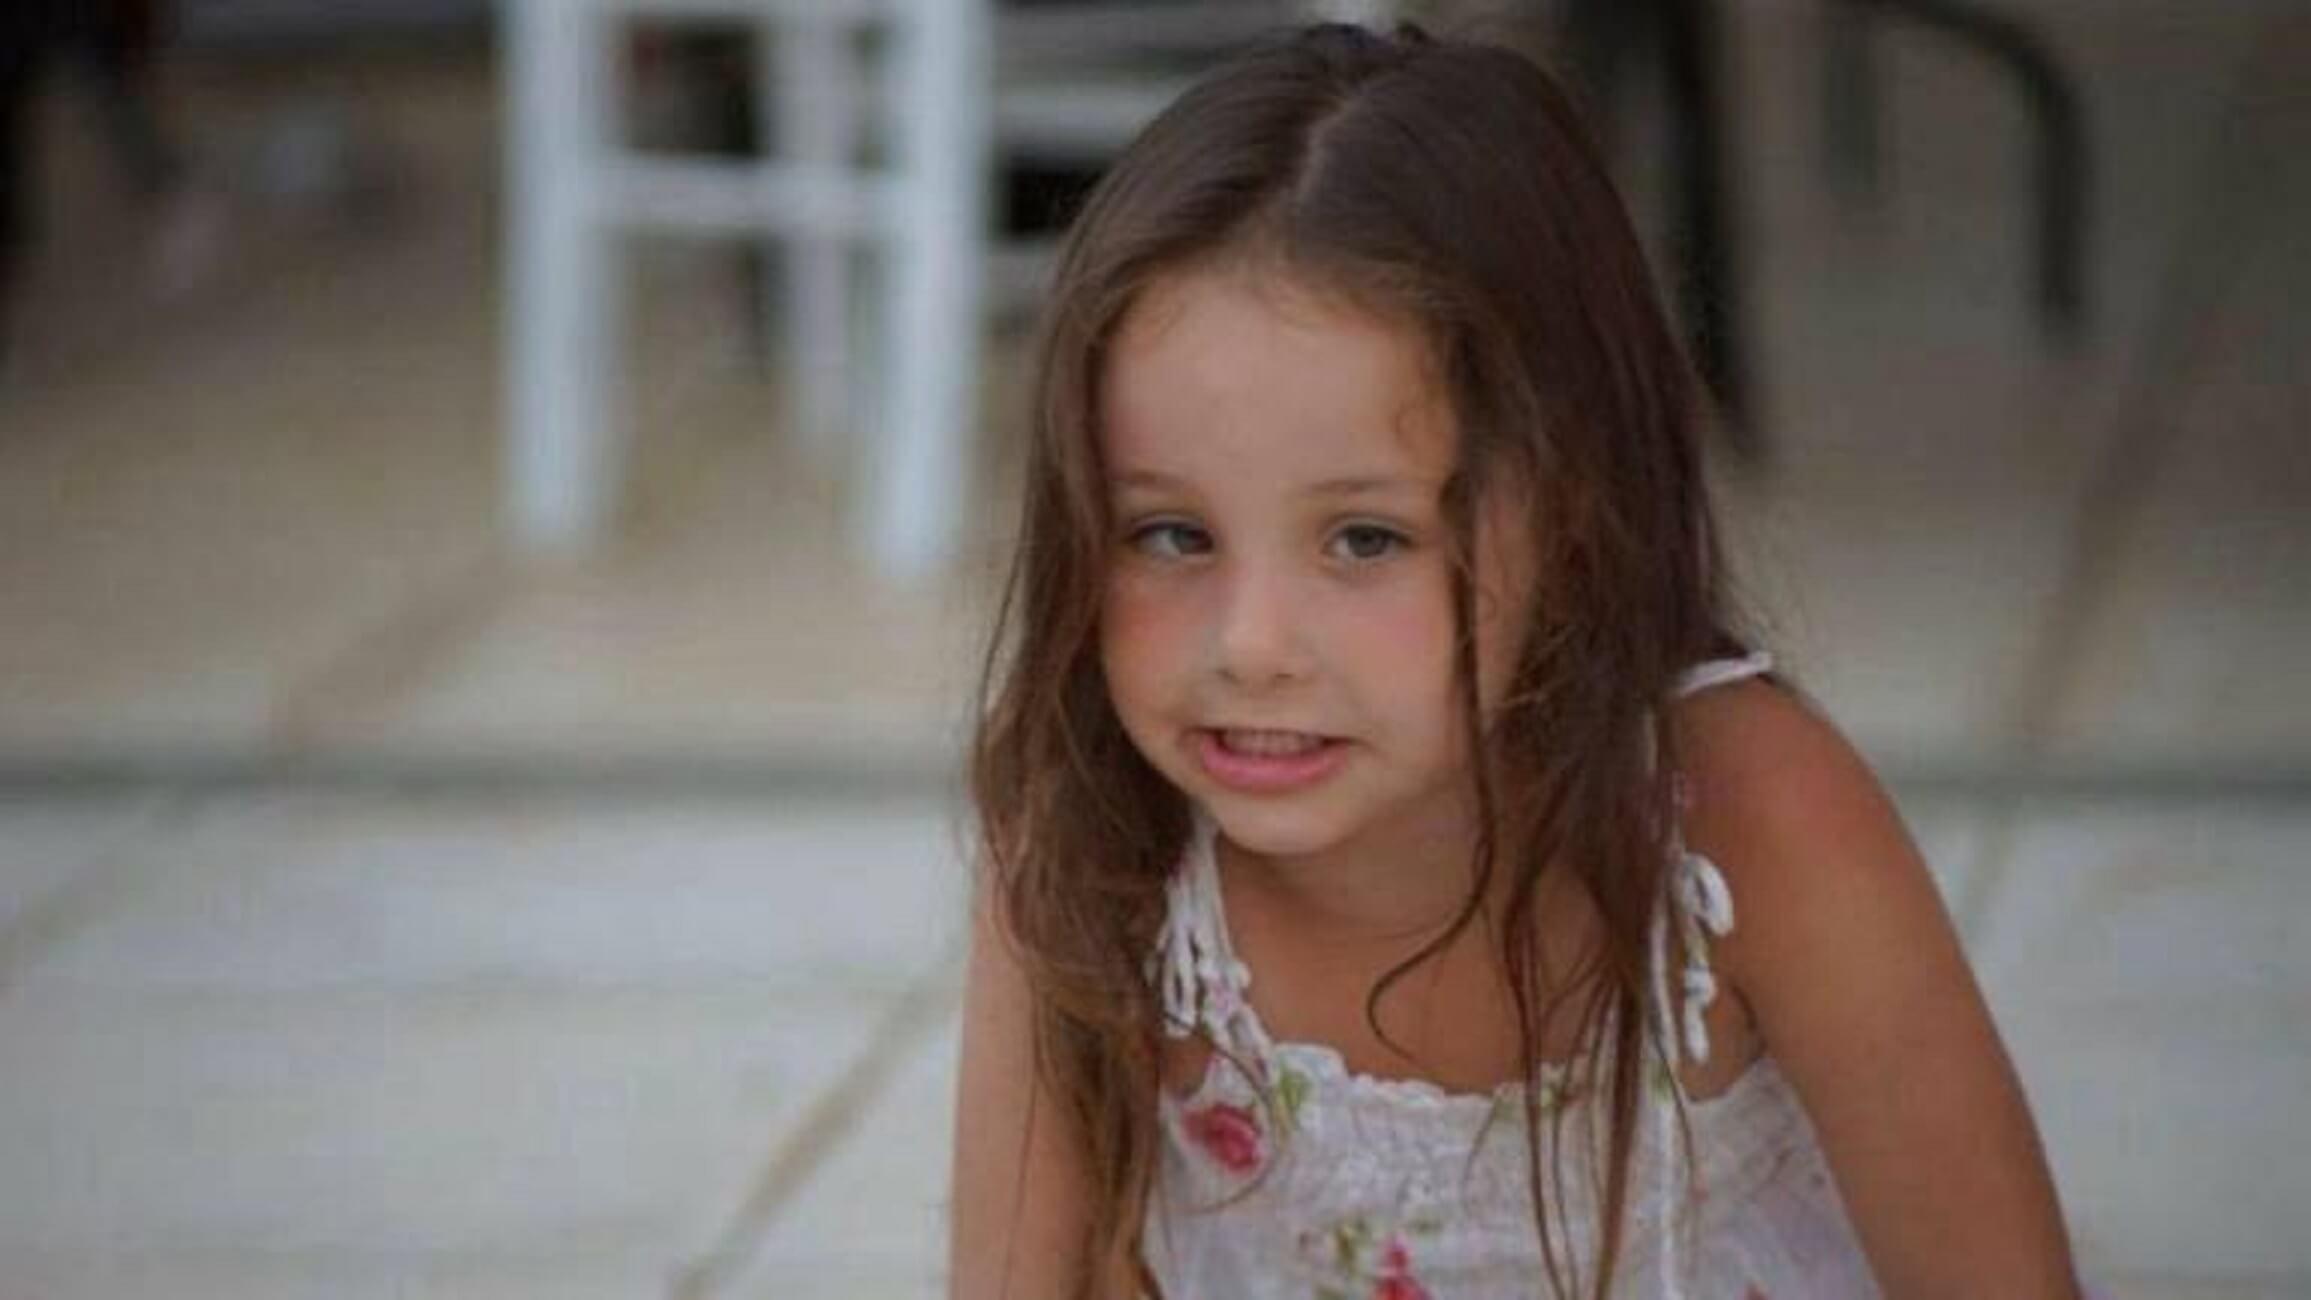 Κρήτη: Αναβιώνει στα δικαστήρια ο θάνατος της μικρής Μελίνας μετά από επέμβαση ρουτίνας! Στο εδώλιο η αναισθησιολόγος